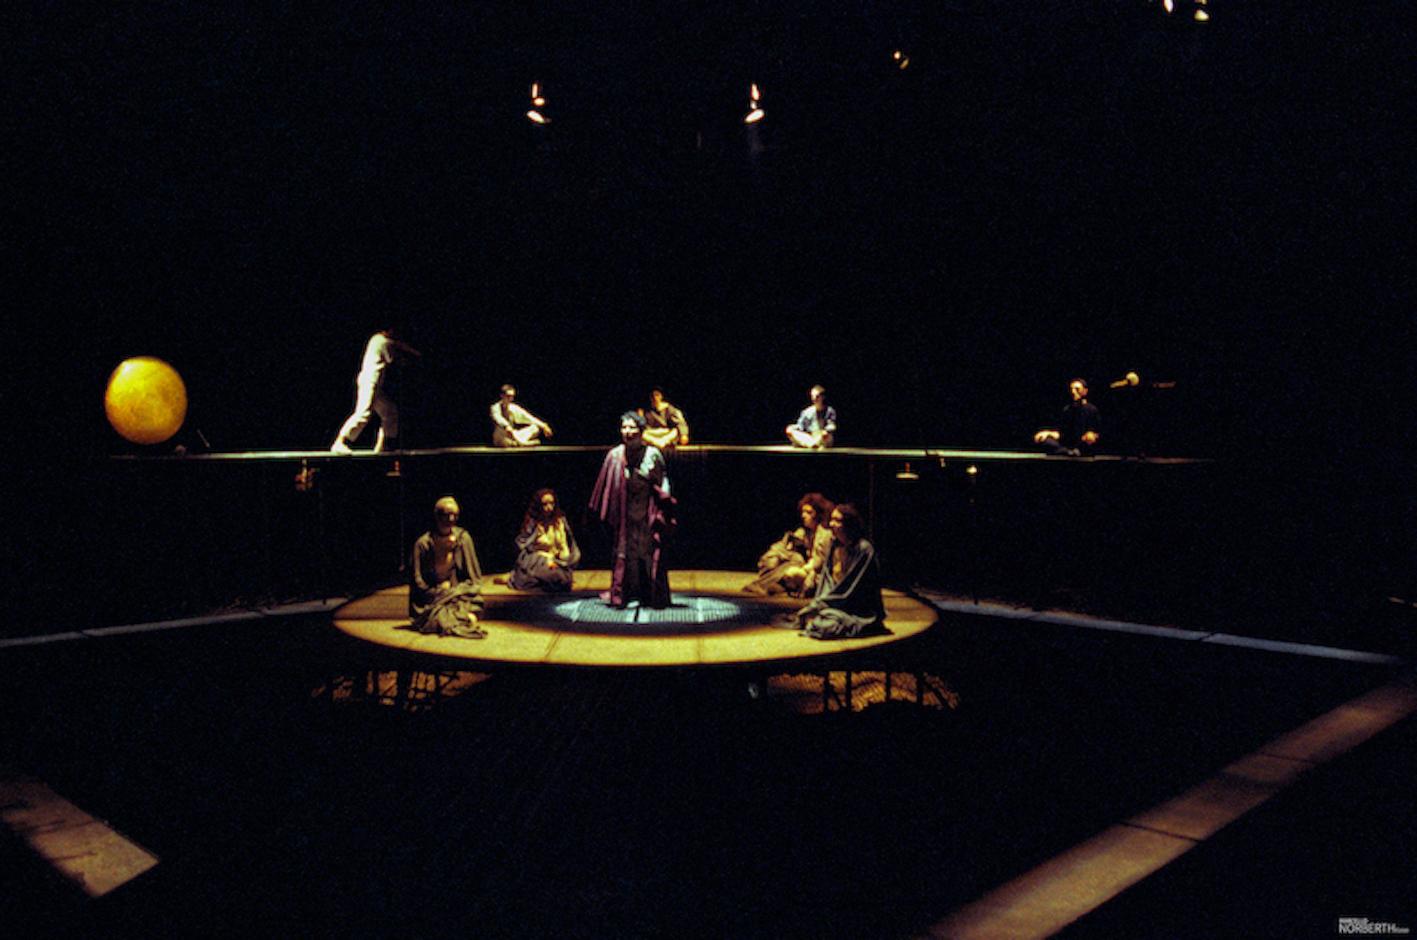 fig. 3 Federico Tiezzi, Commedia dell'Inferno, 1989. © Archivio Marcello Norberth